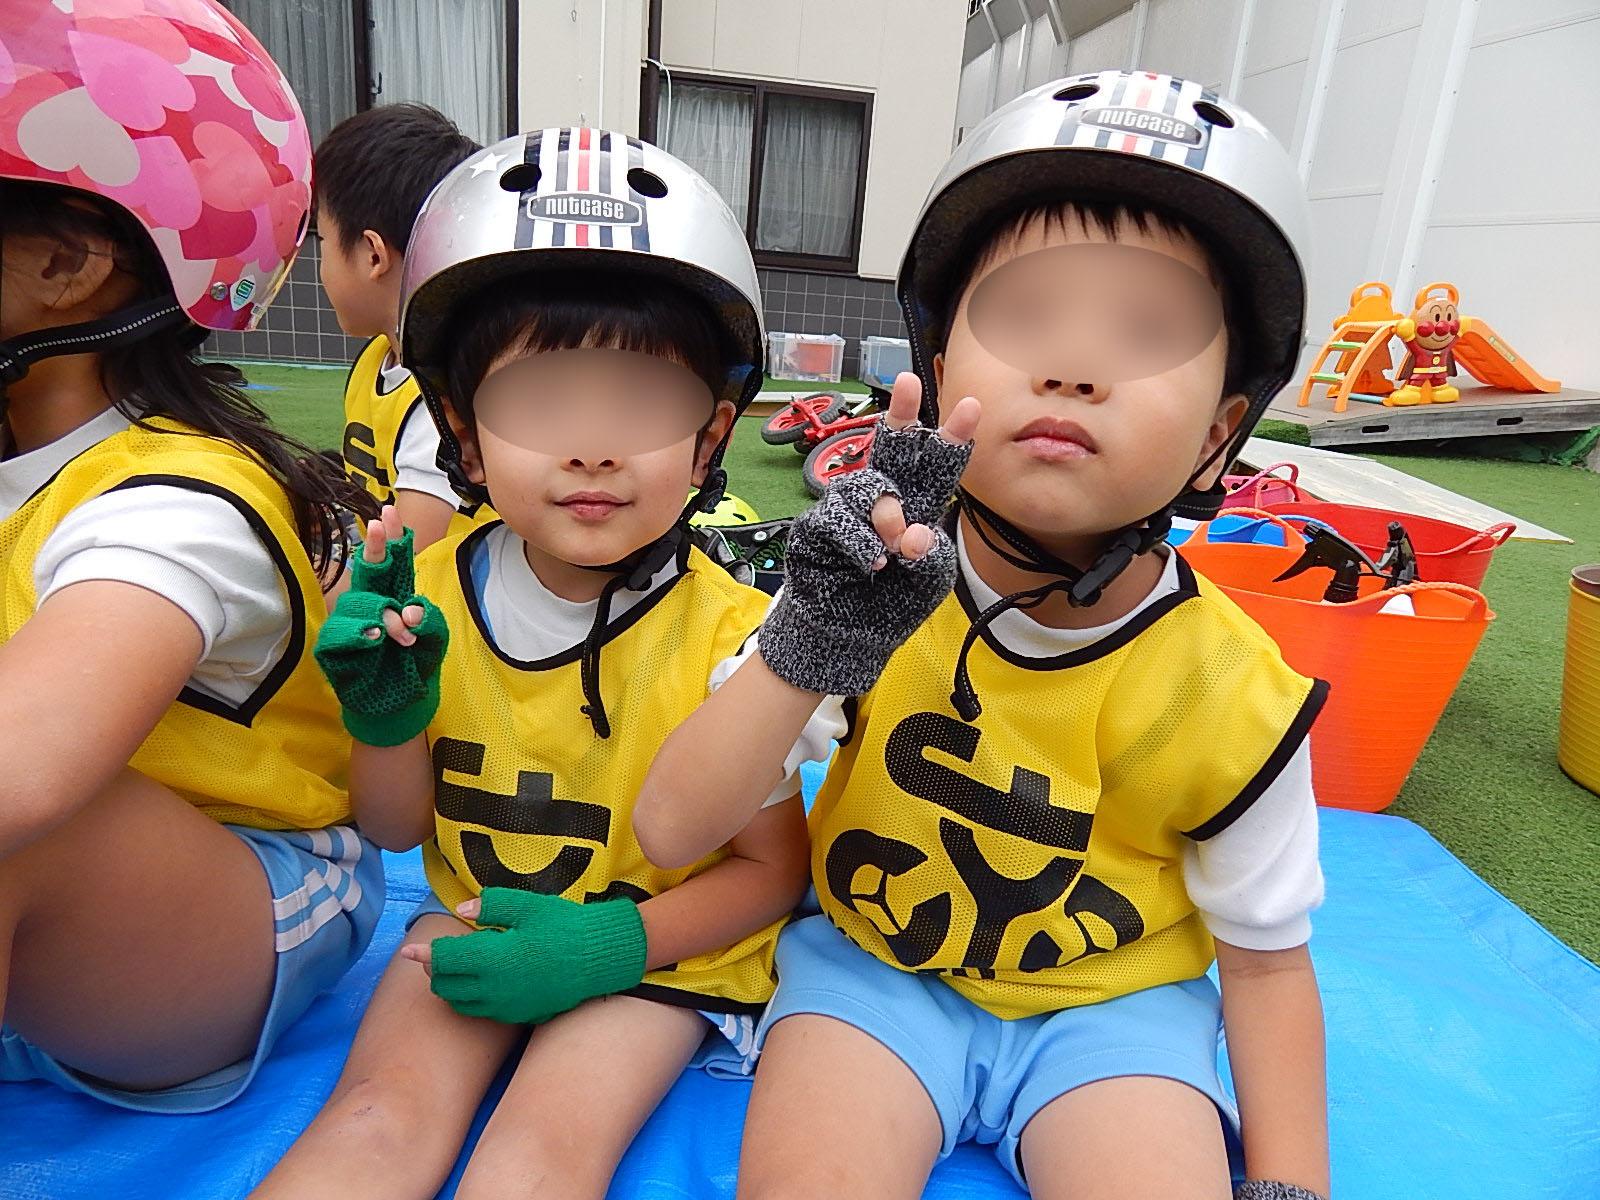 こぐま保育園 キックバイク教室(そら・ひかり)